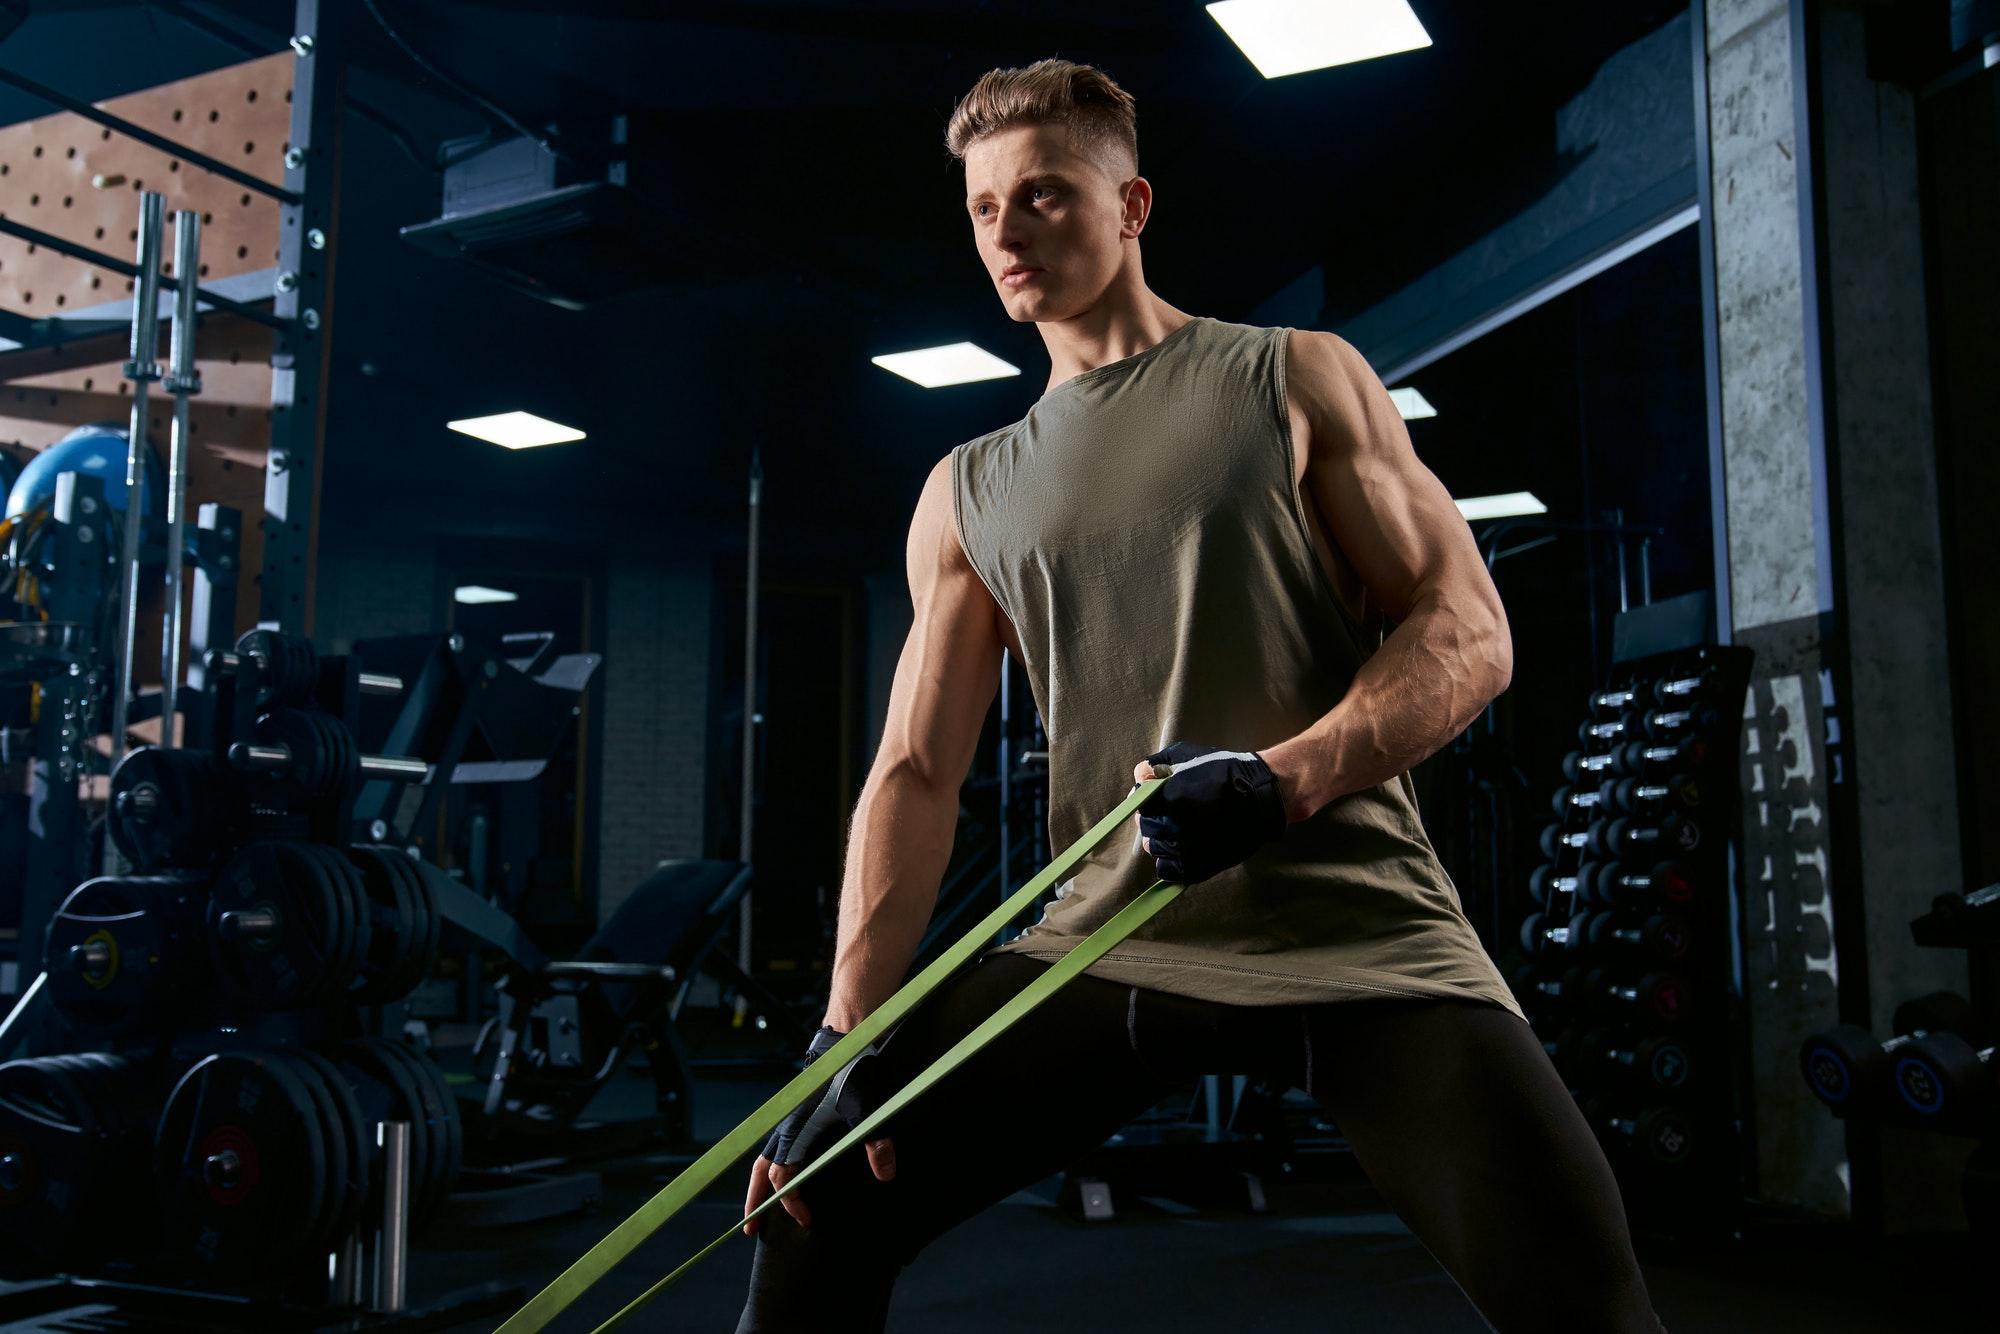 Bodybuilder training back on exercise machine